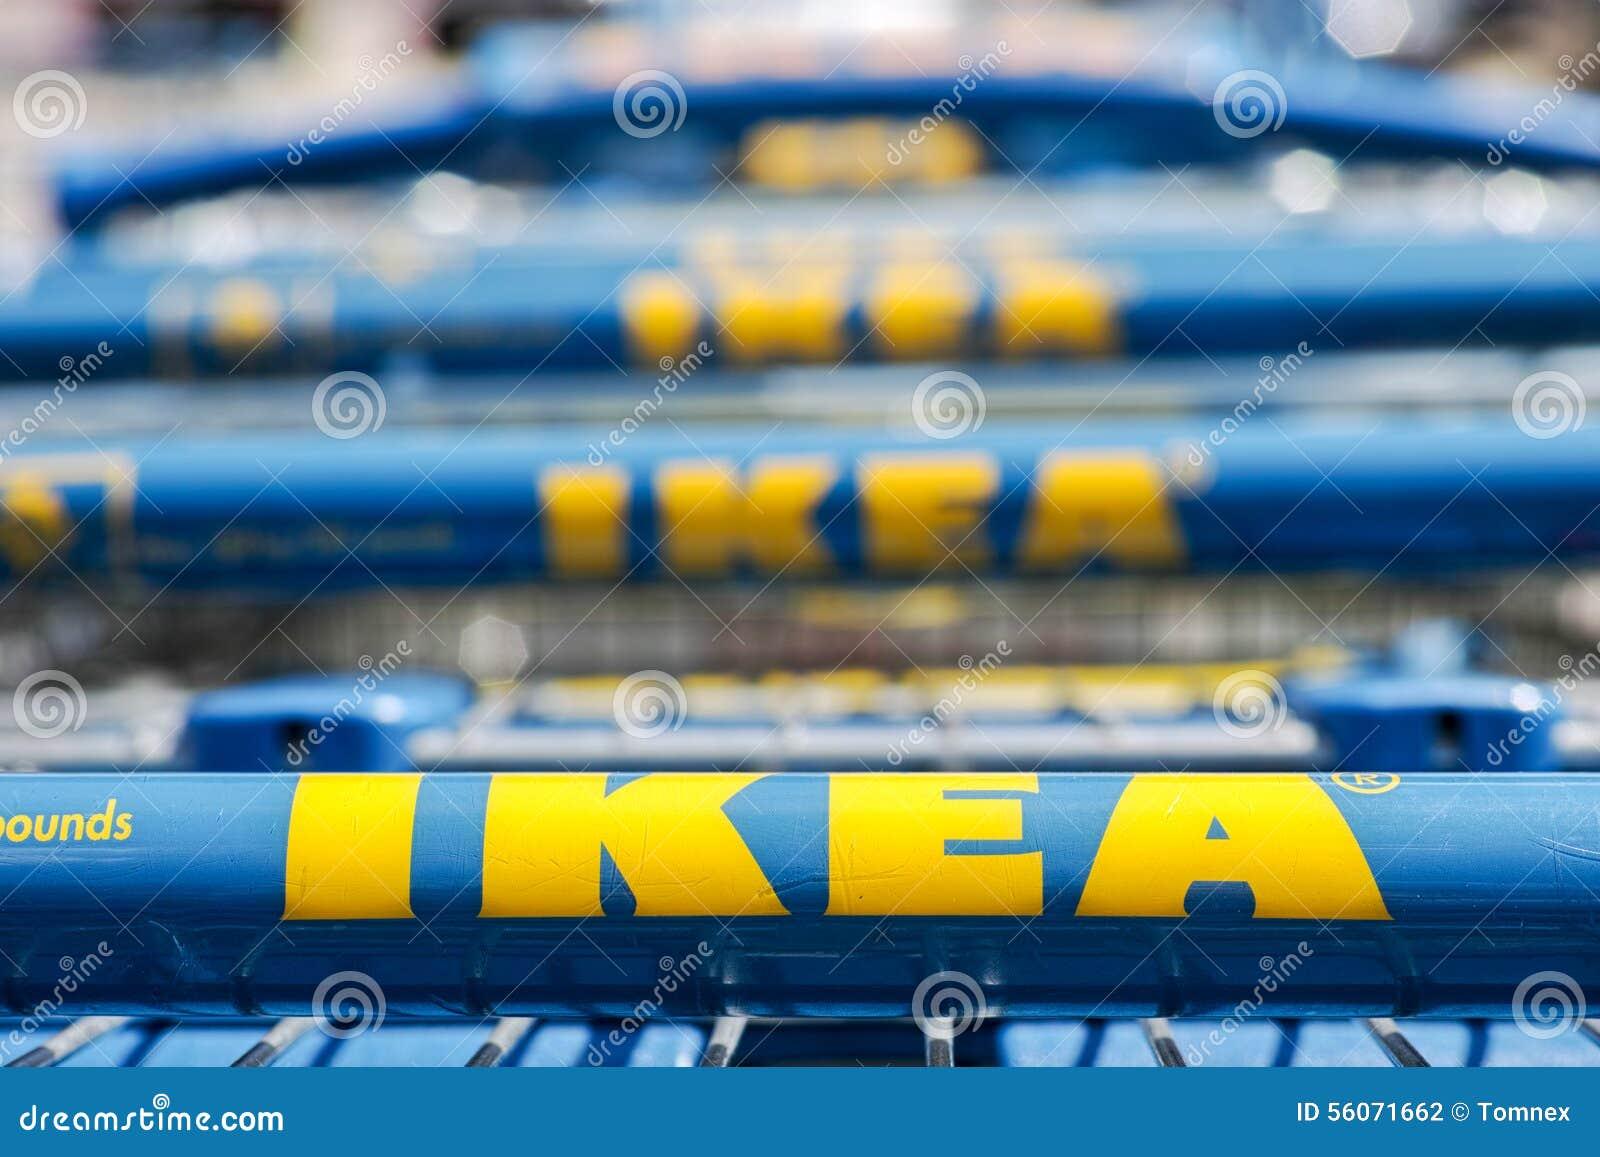 Carros de la compra de Ikea